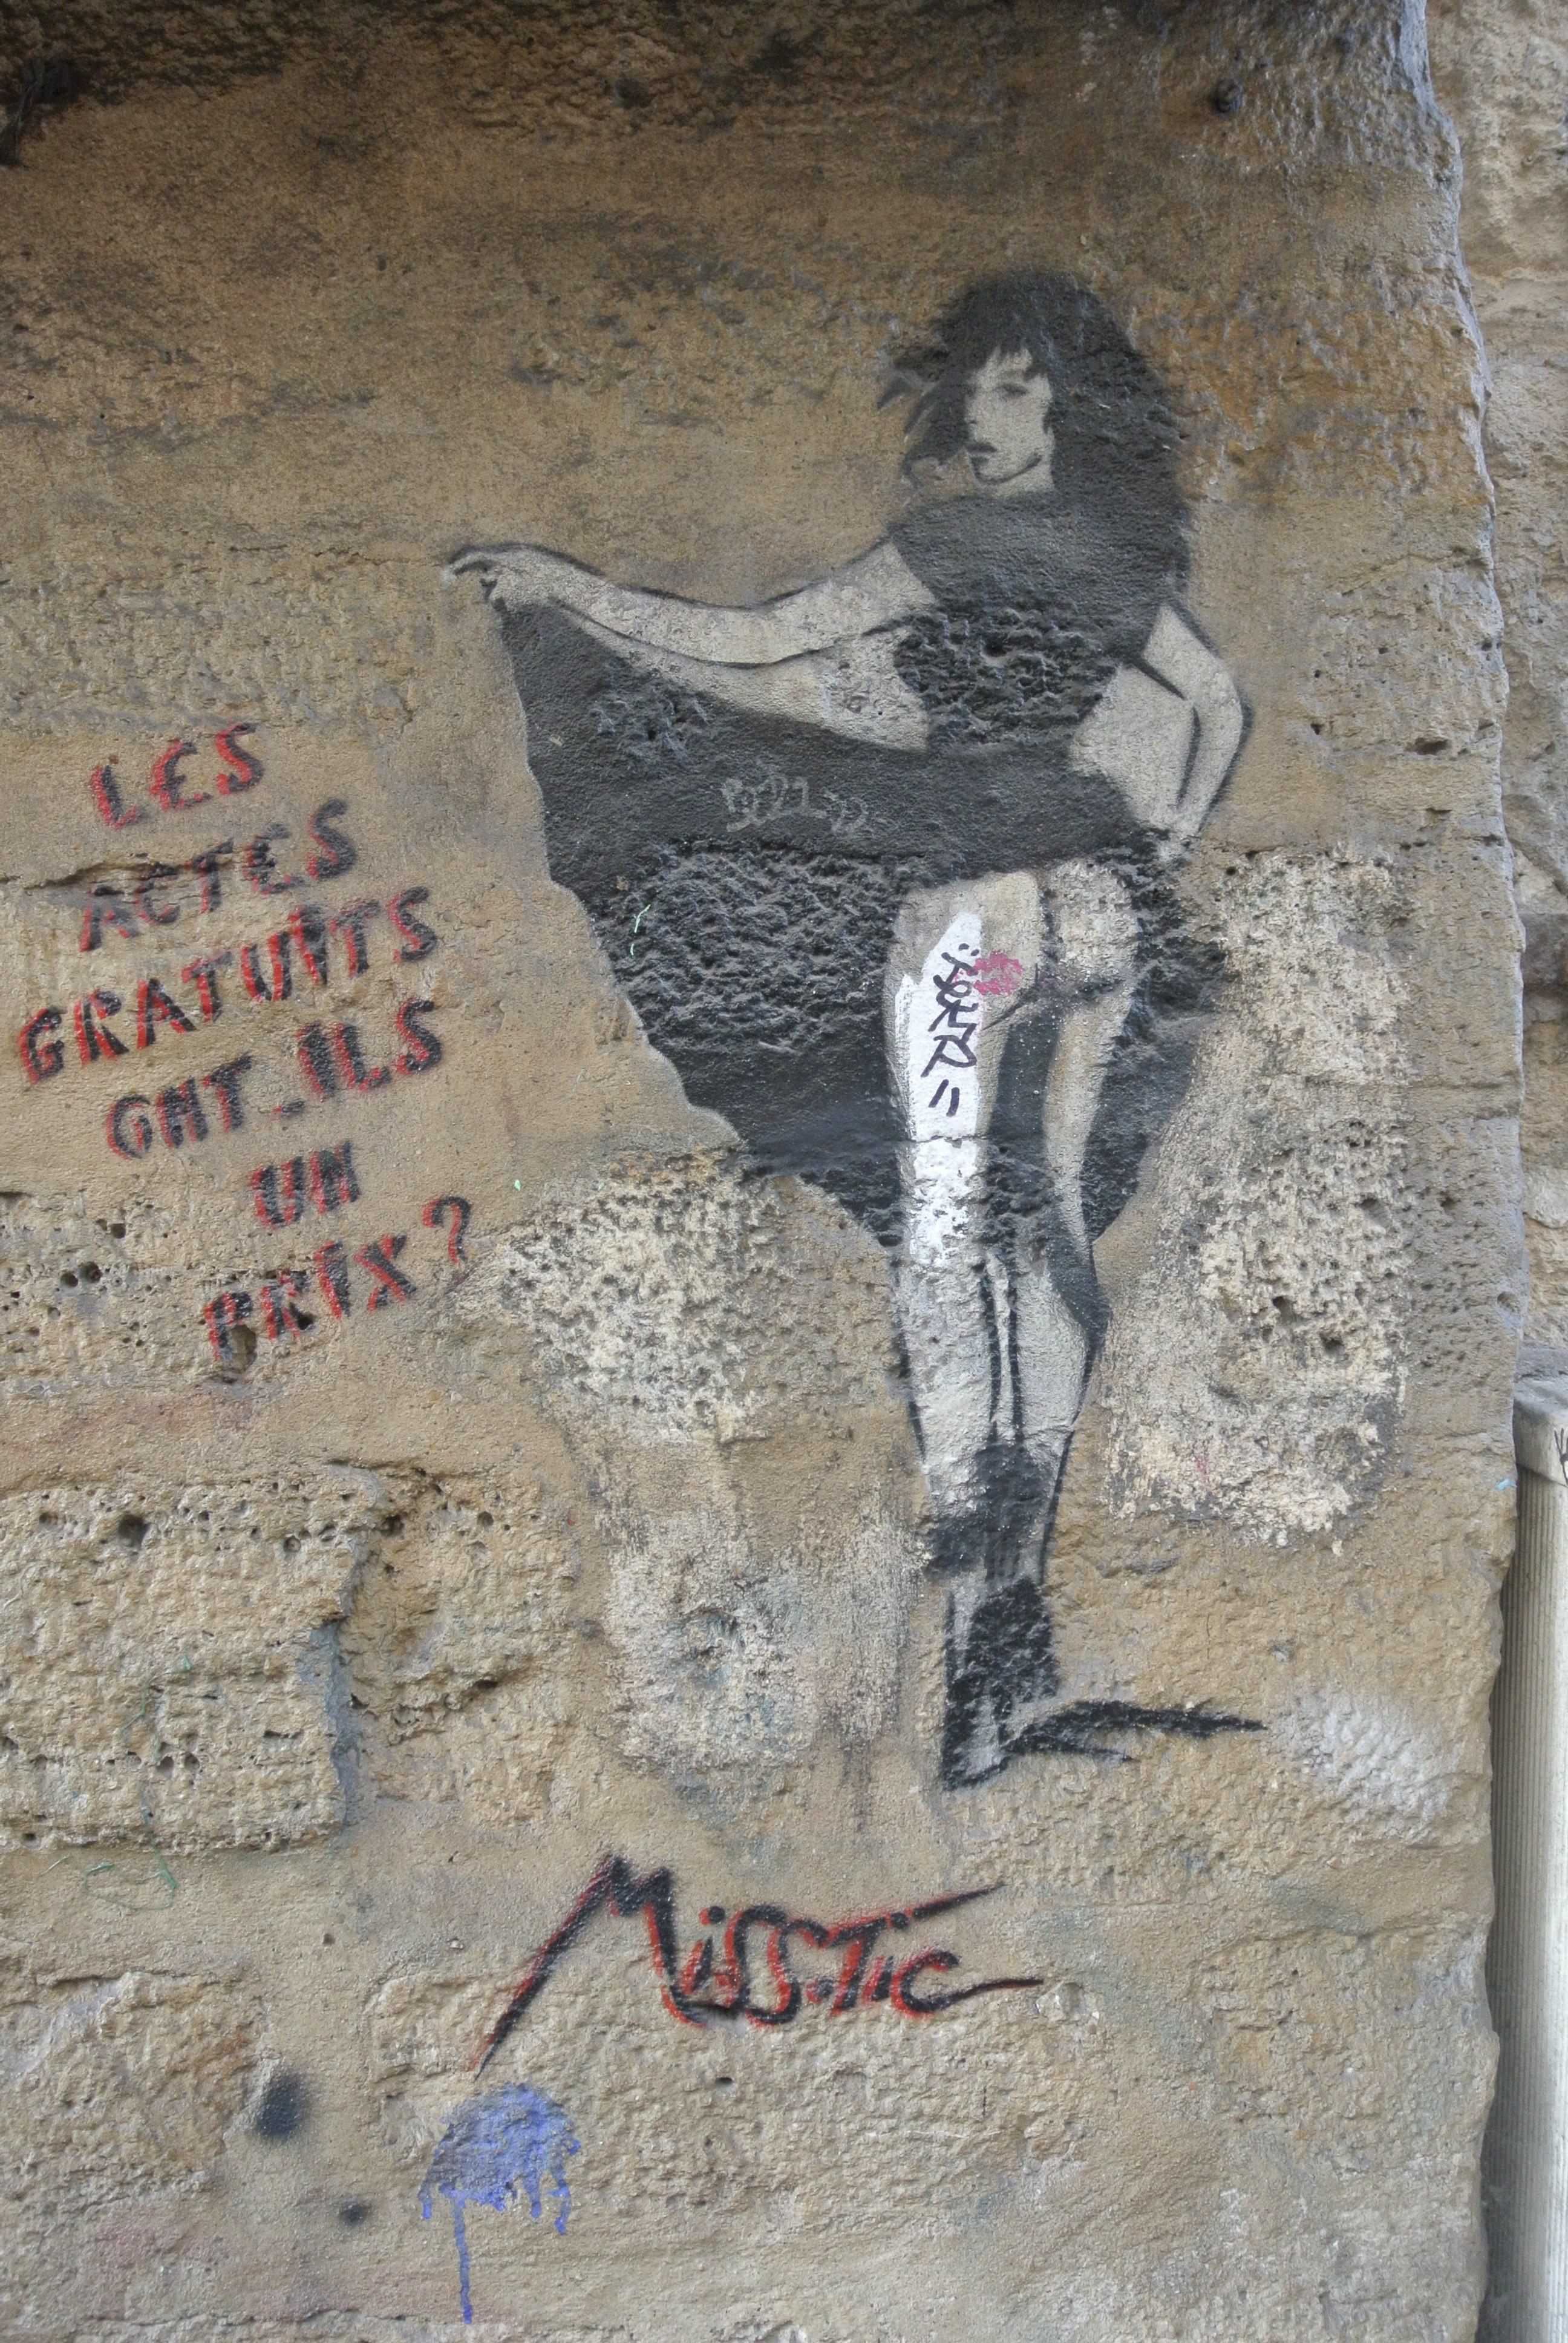 """Miss Tic """"Les Actes Gratuits, ont-ils un prix?"""" street on Rue Mouffetard, 6th Arrondissement, Paris"""